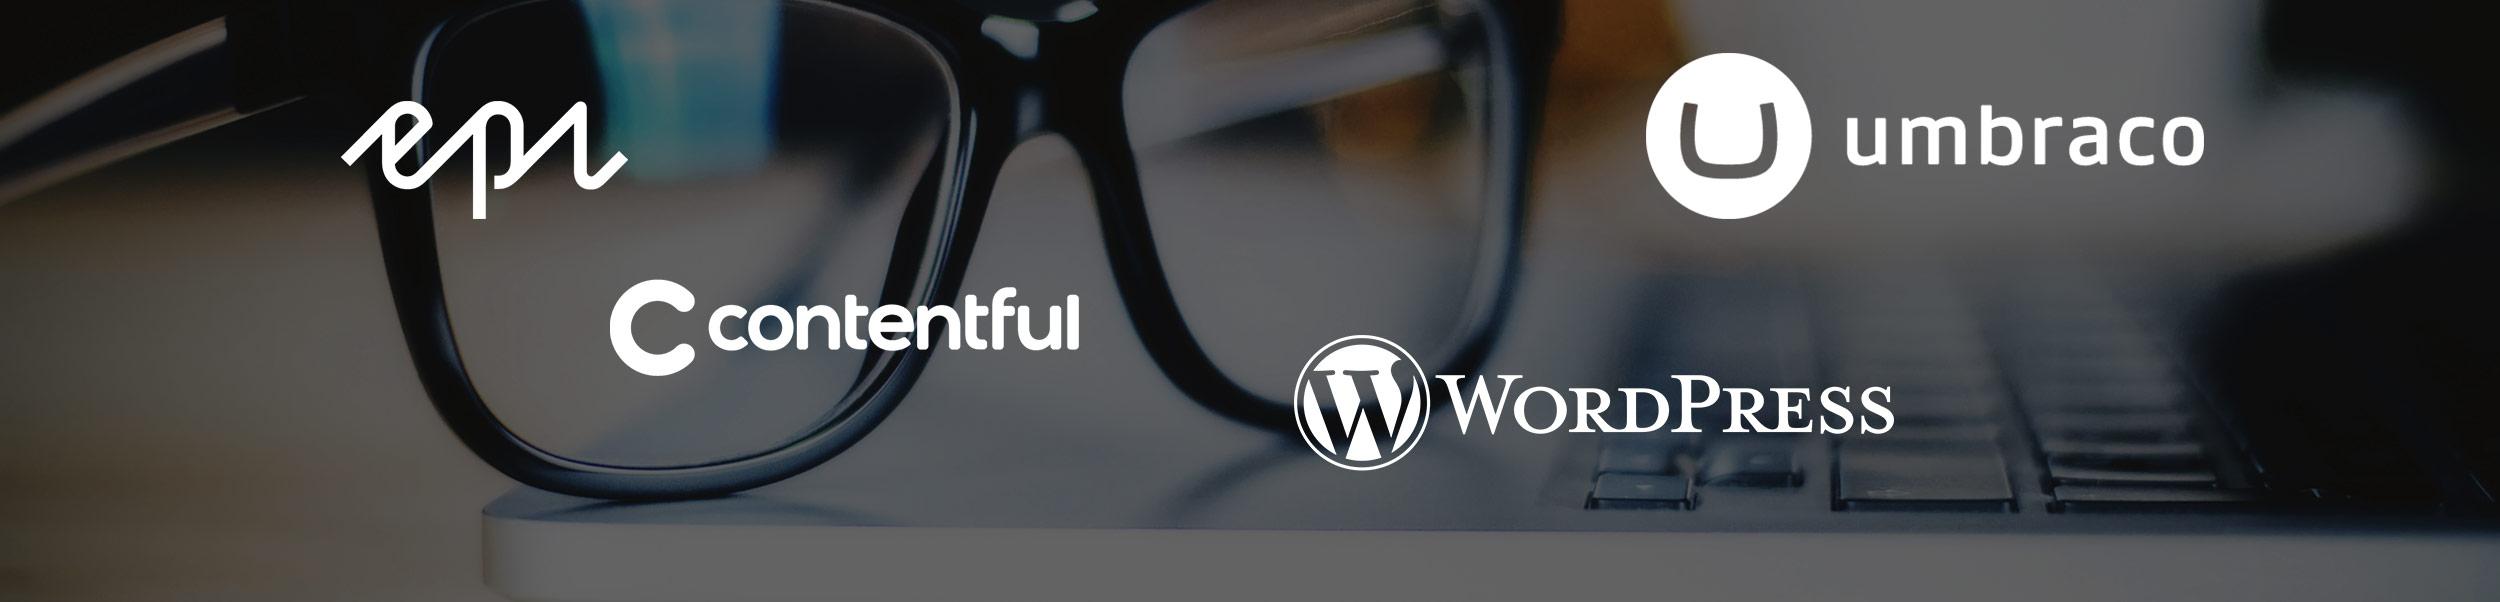 Bilde som inneholder logoene til WordPress, Umbraco, Episerver og Contentful